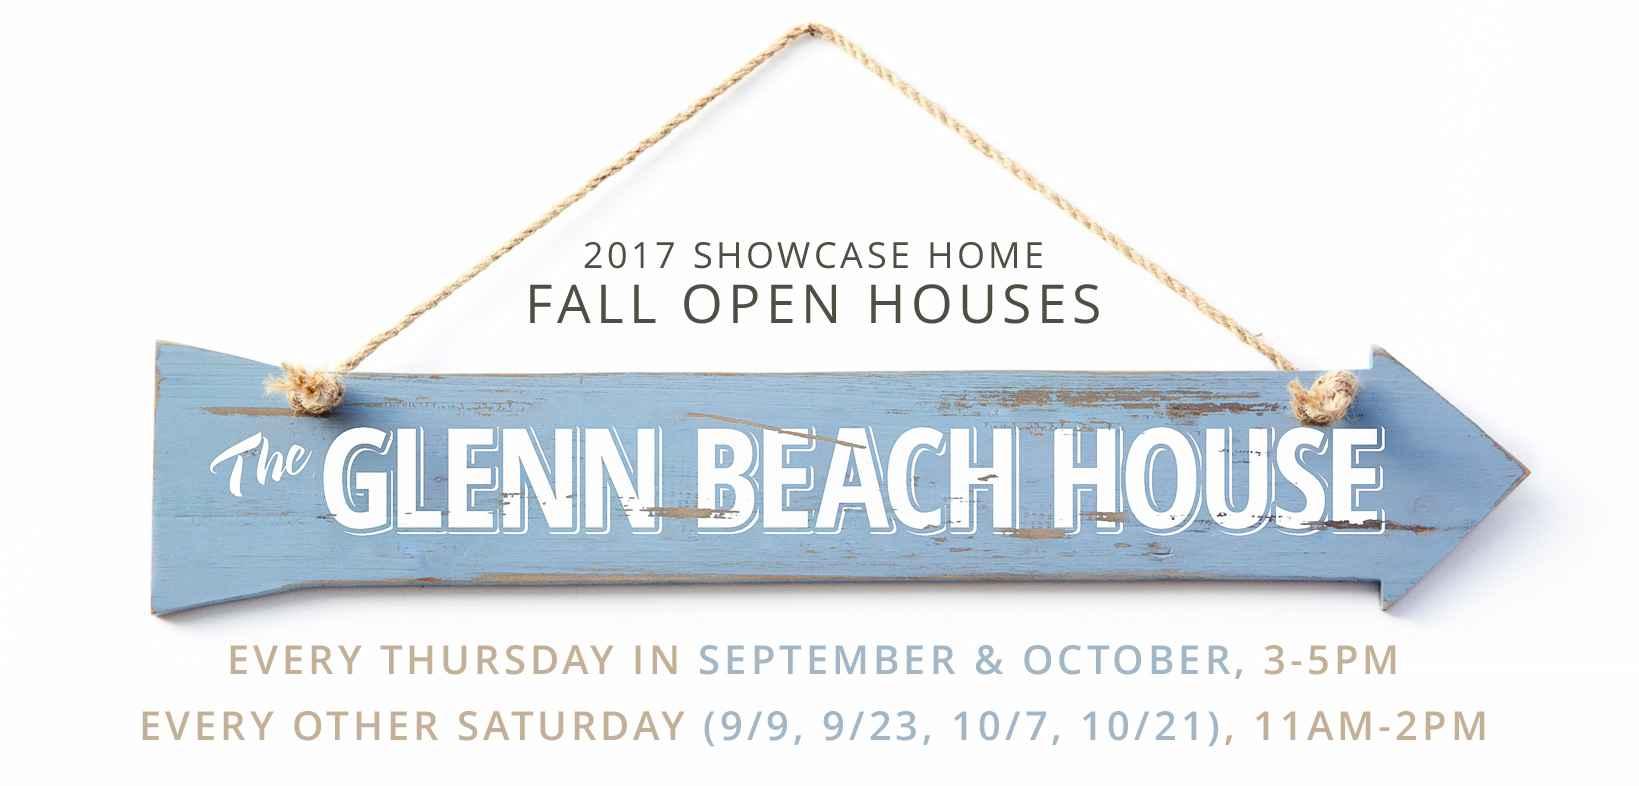 Glenn Beach House